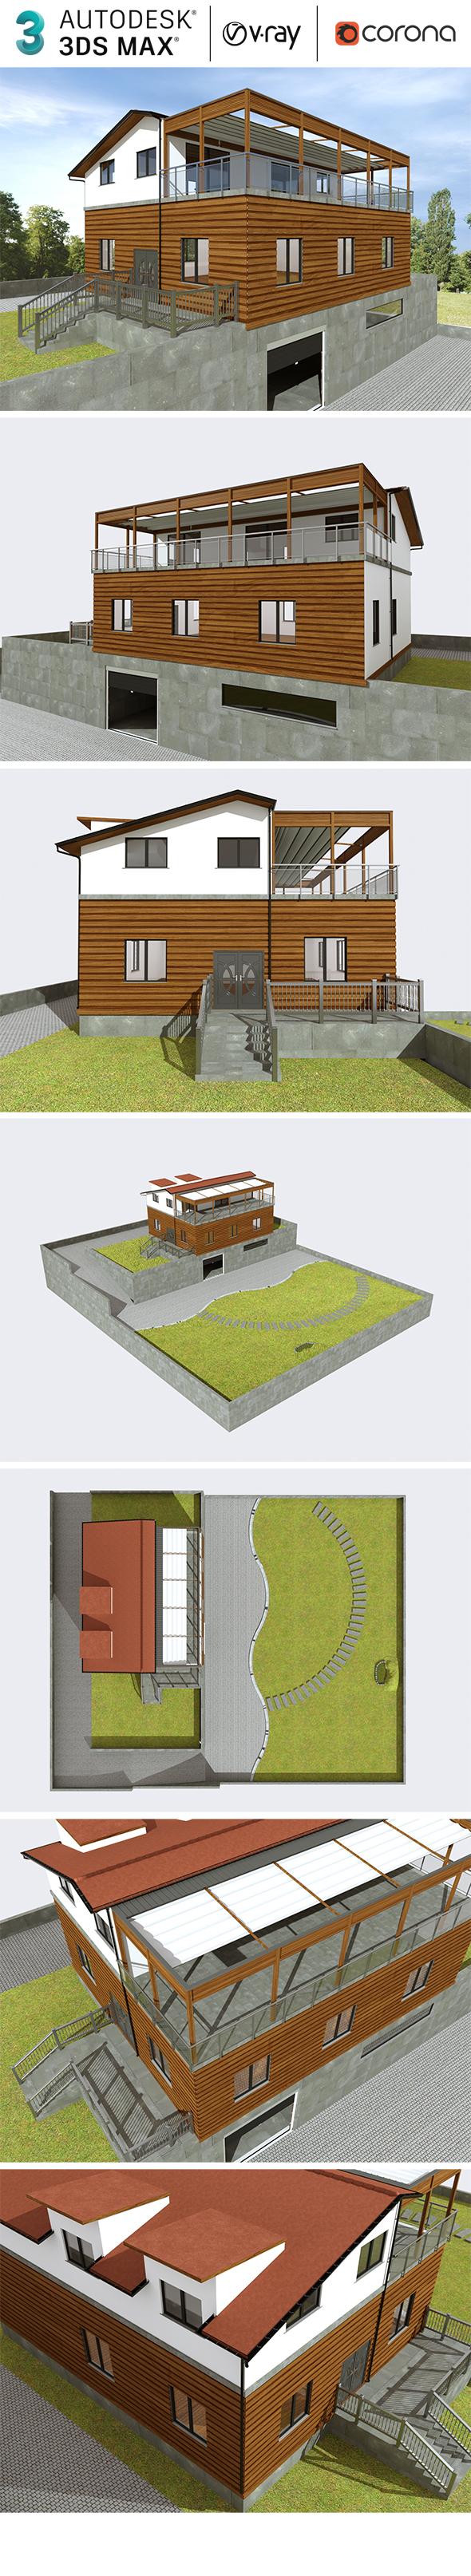 Realistic Exterior Villa Design